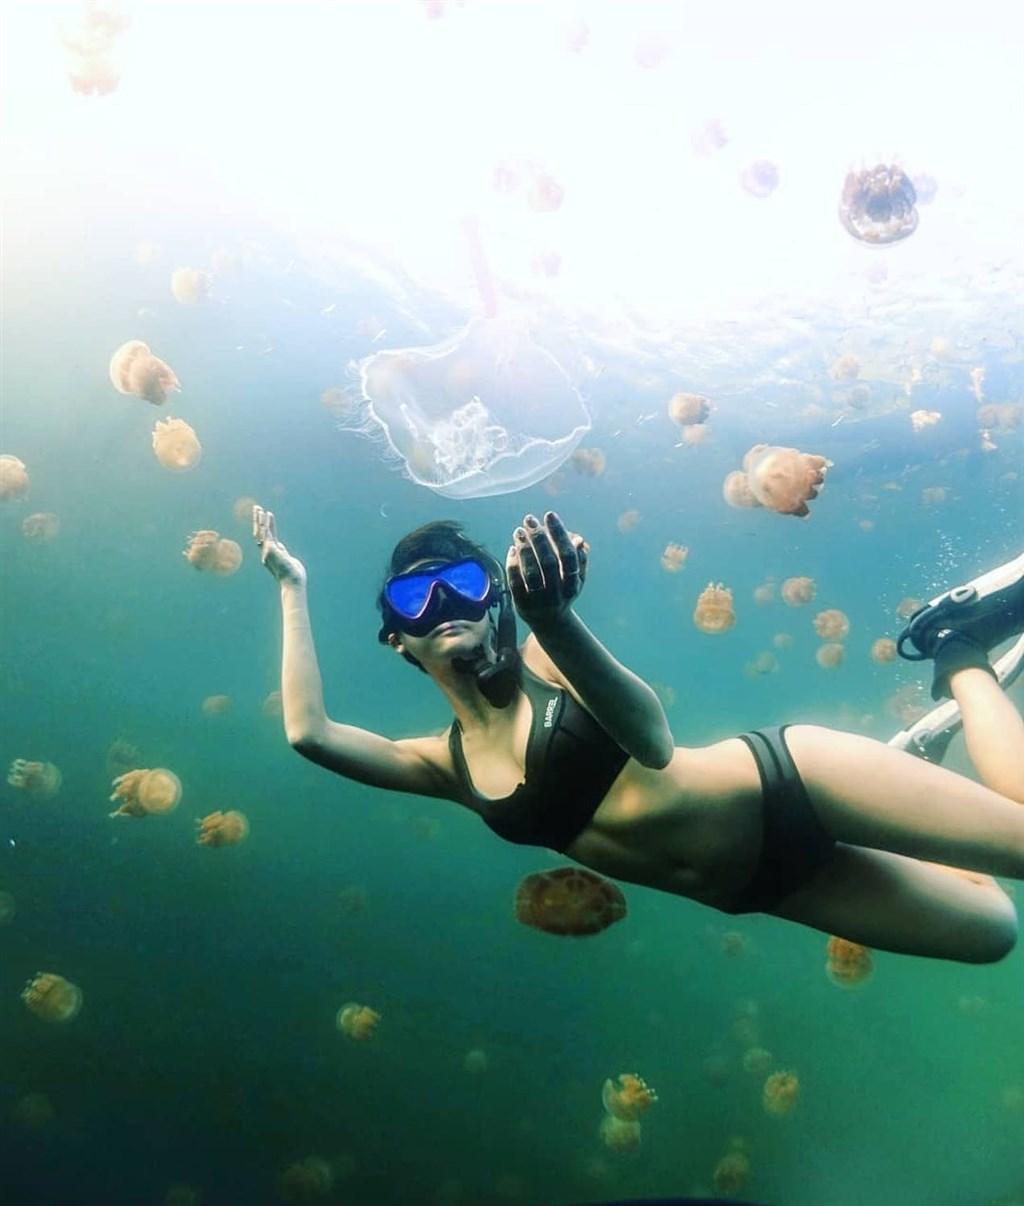 觀光局擬推旅遊泡泡,帛琉可望納首波開放國家。圖為帛琉旅客浮潛。(圖取自facebook.com/pristineparadisepalau)